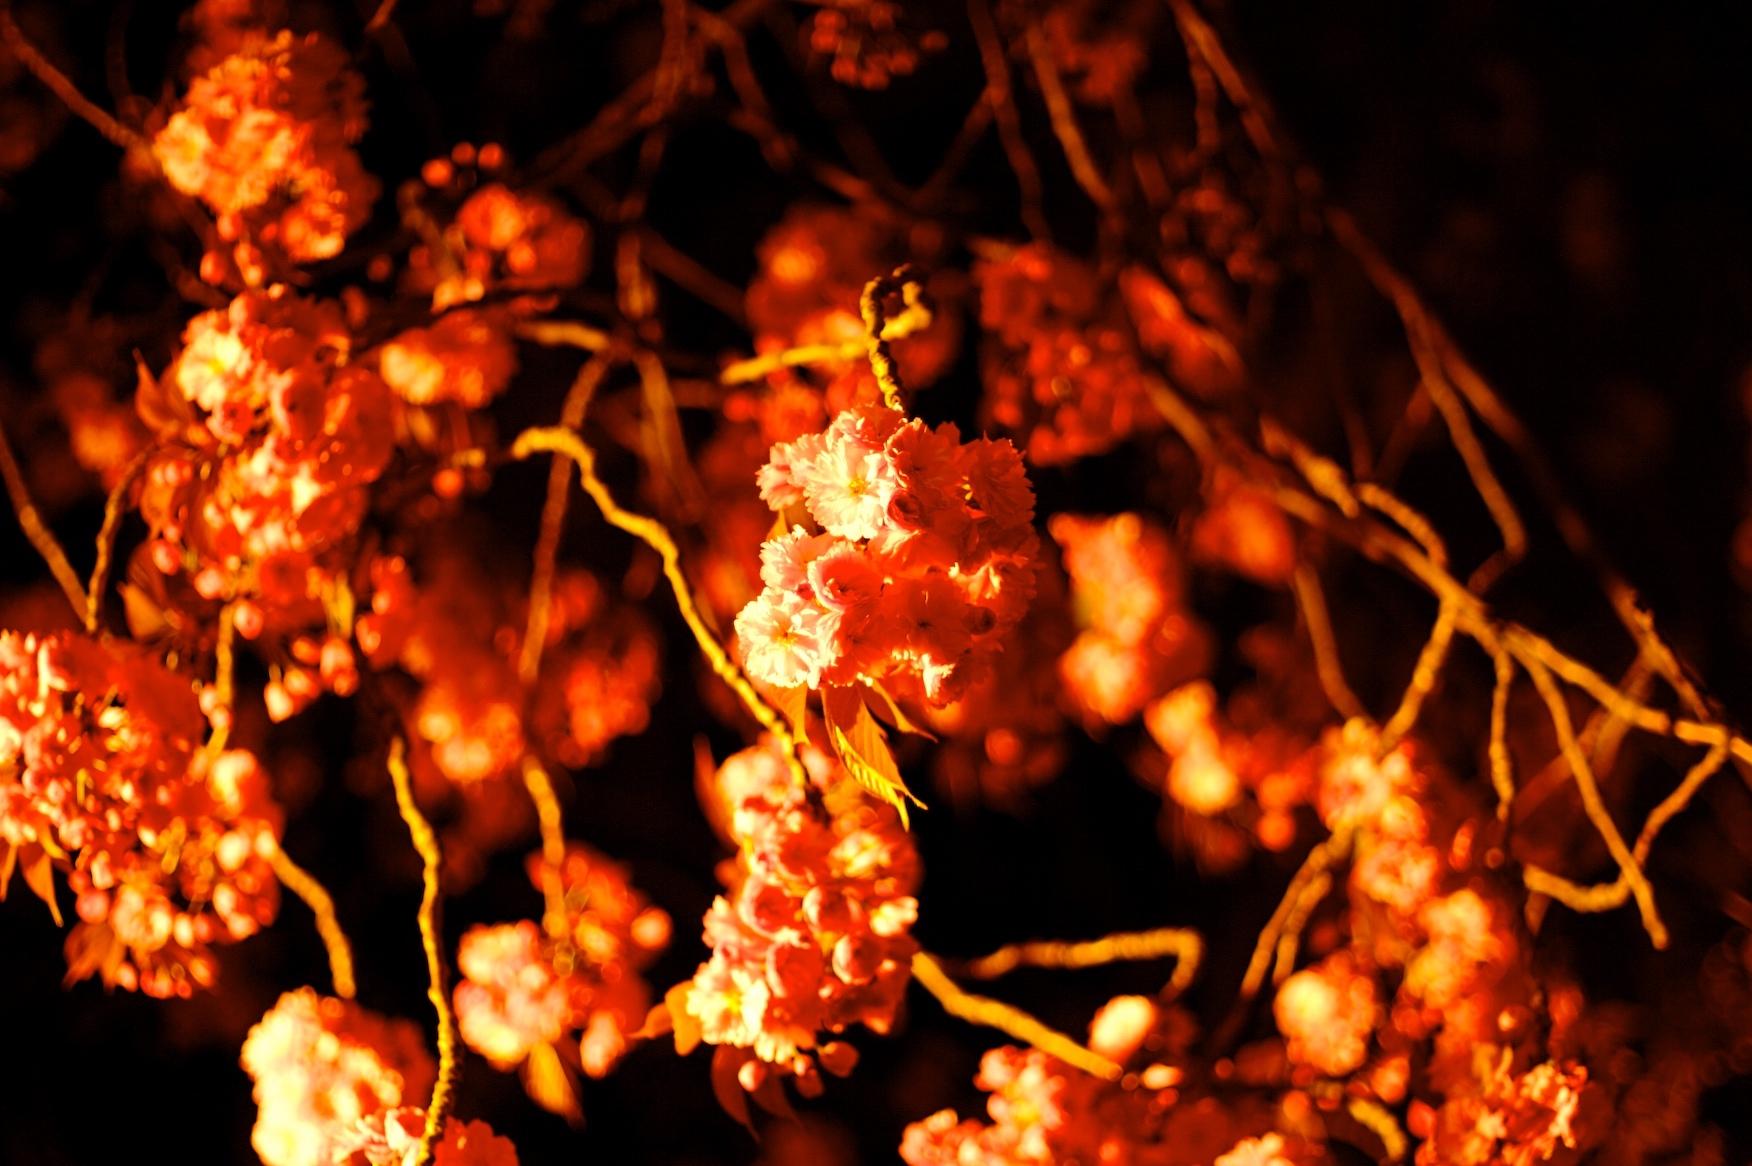 Desafio de Fotografia Semanal - Primavera